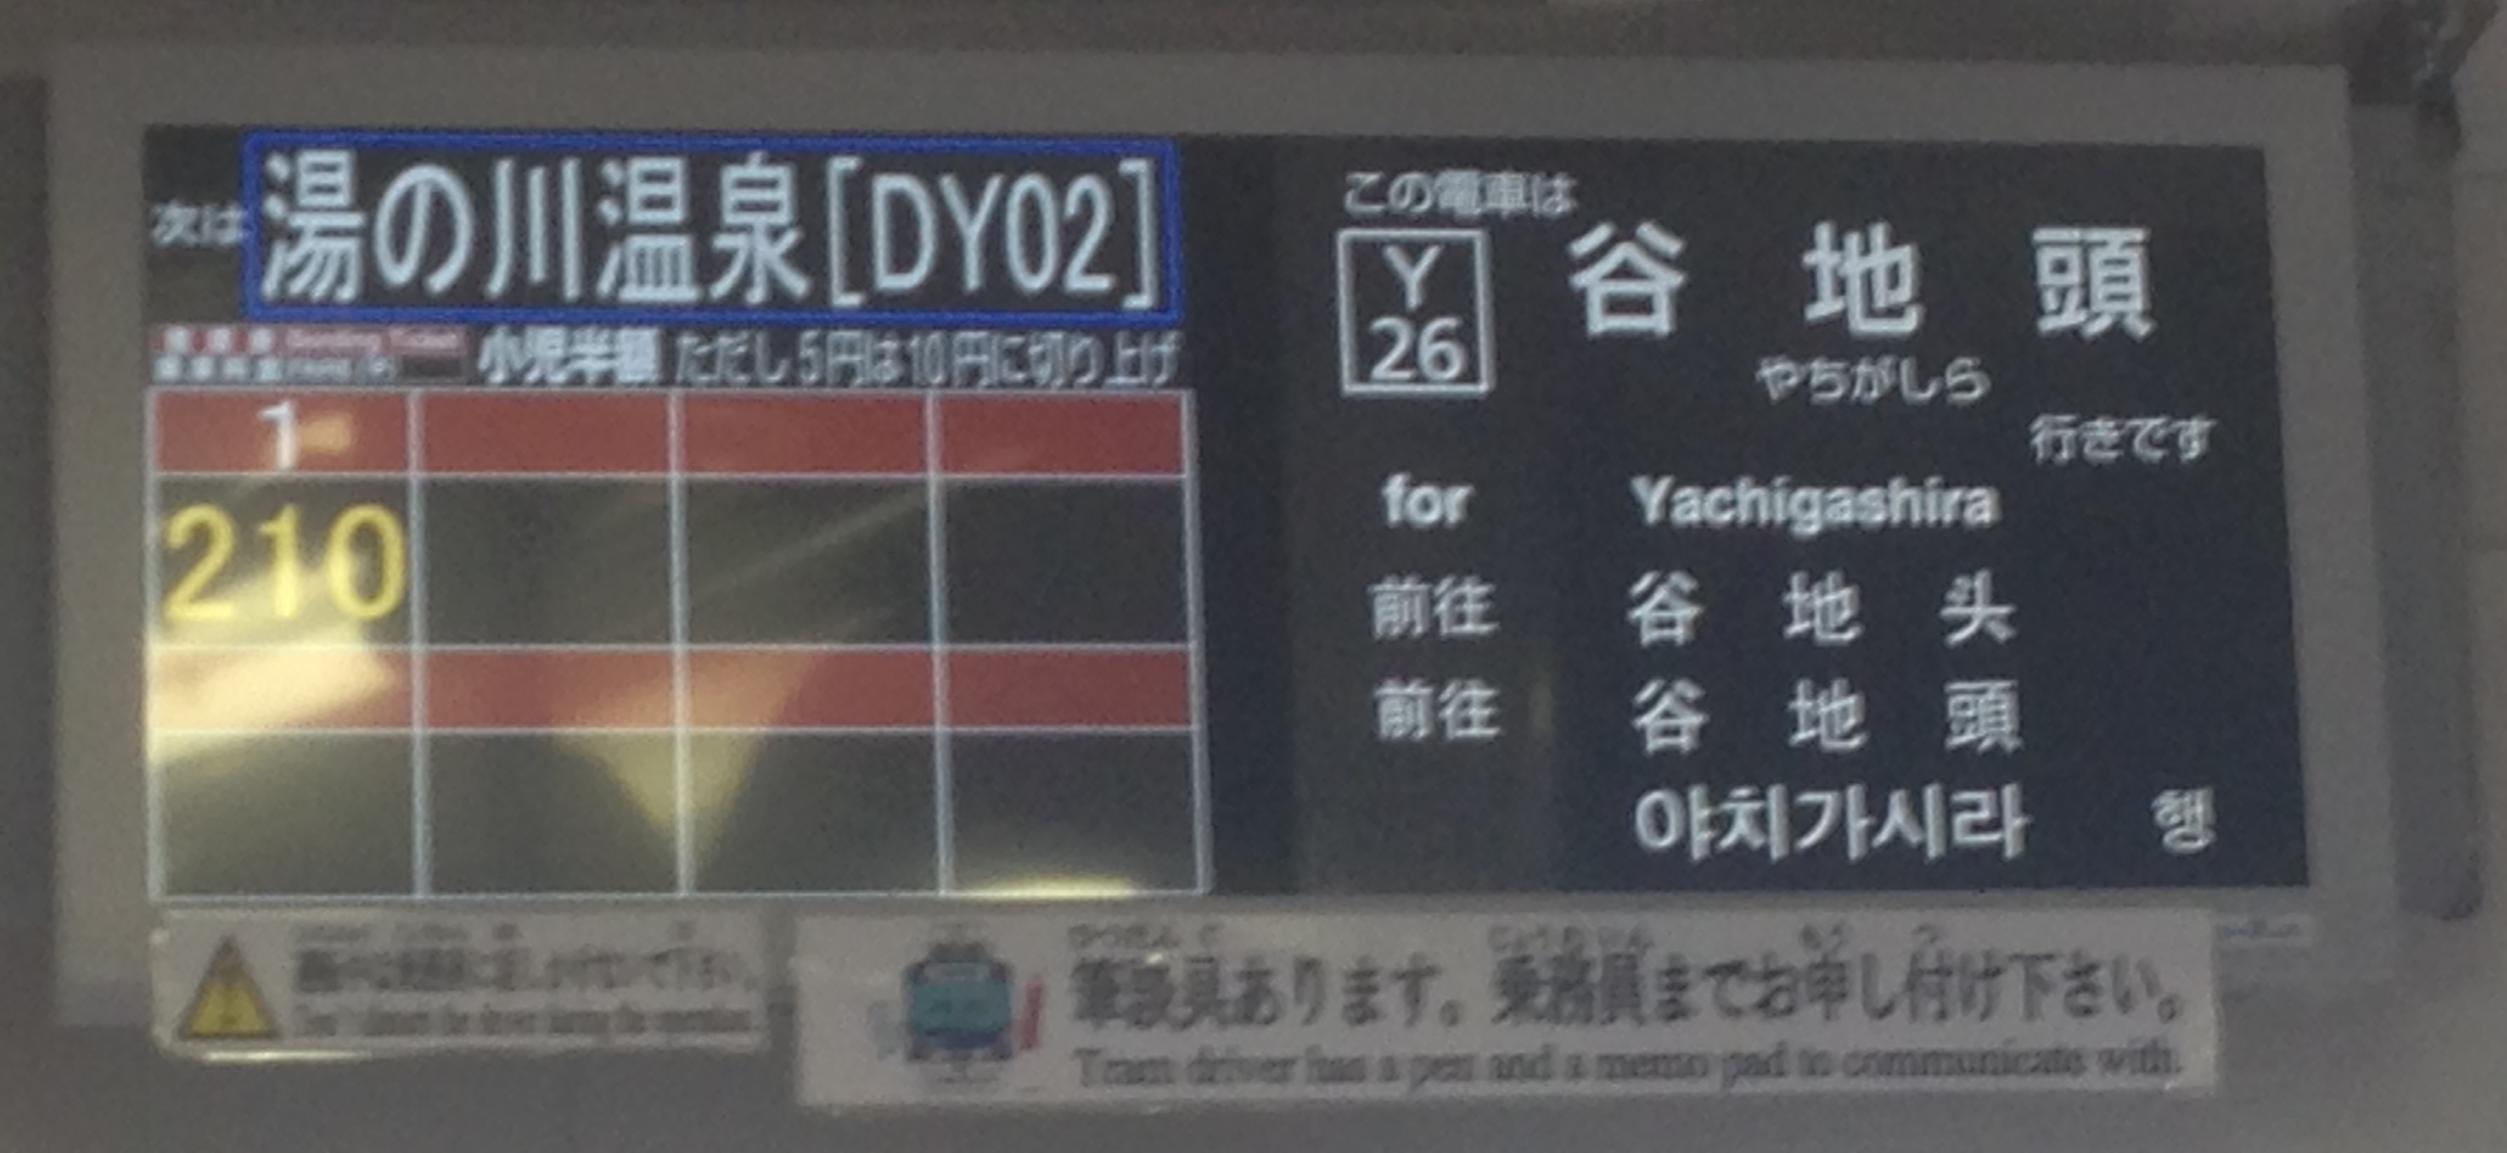 運賃表示器(液晶式)